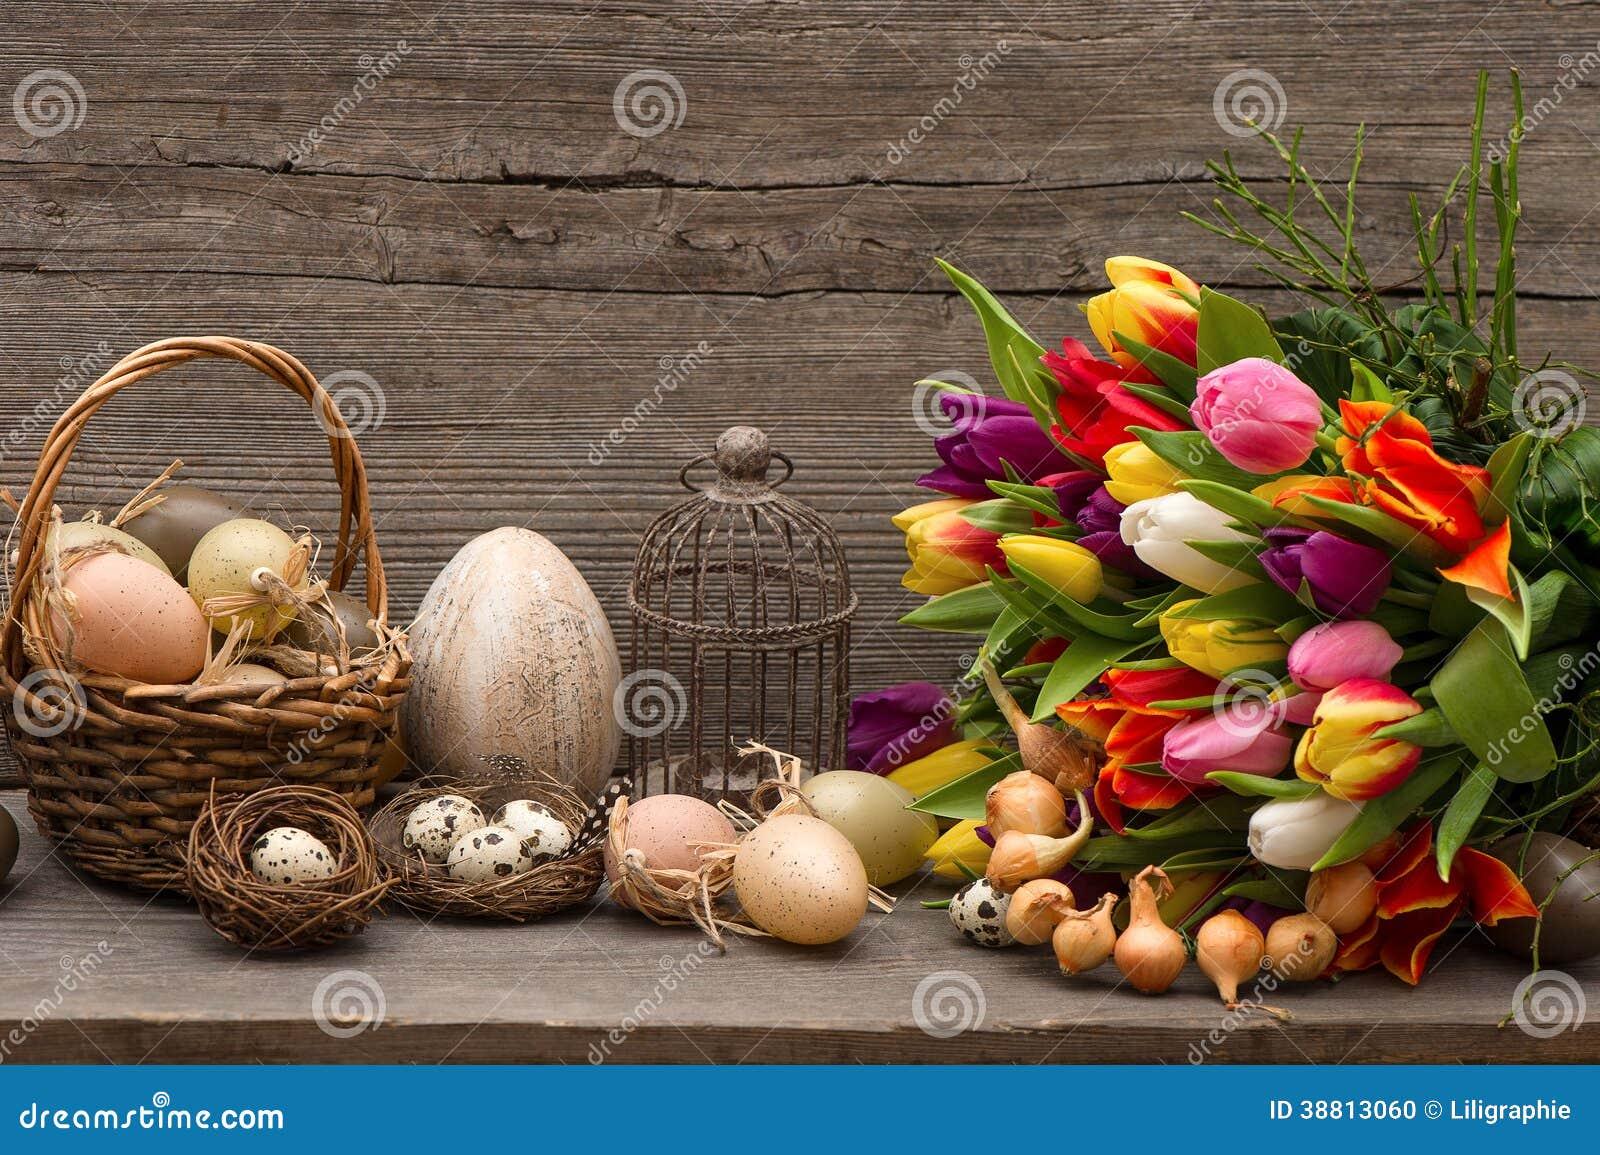 ... stock: Décoration de Pâques de vintage avec des oeufs et des tulipes